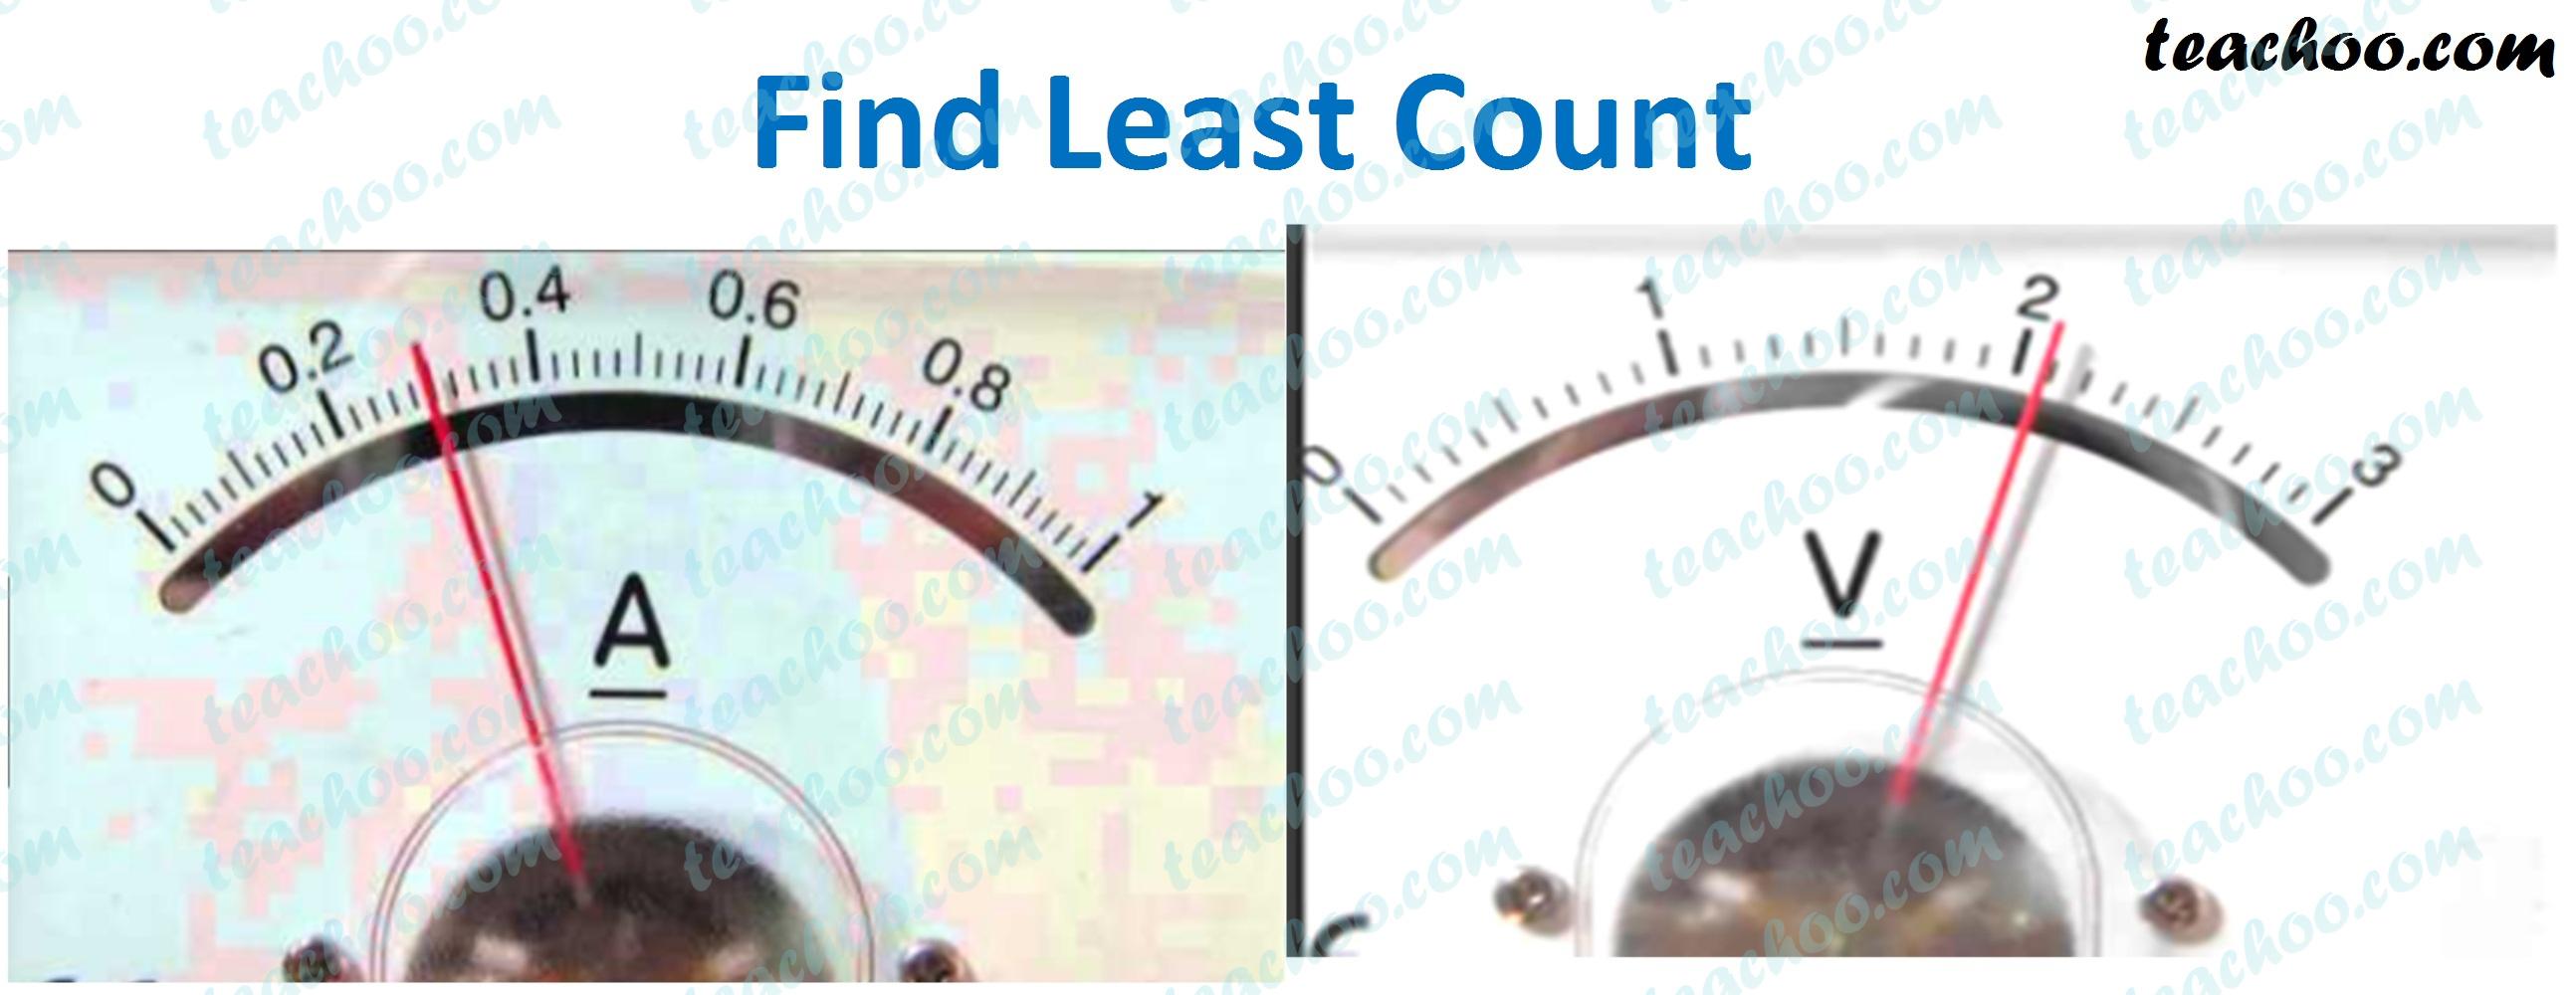 find-least-count-of-ammeter-and-voltmeter-example-3---teachoo.jpg